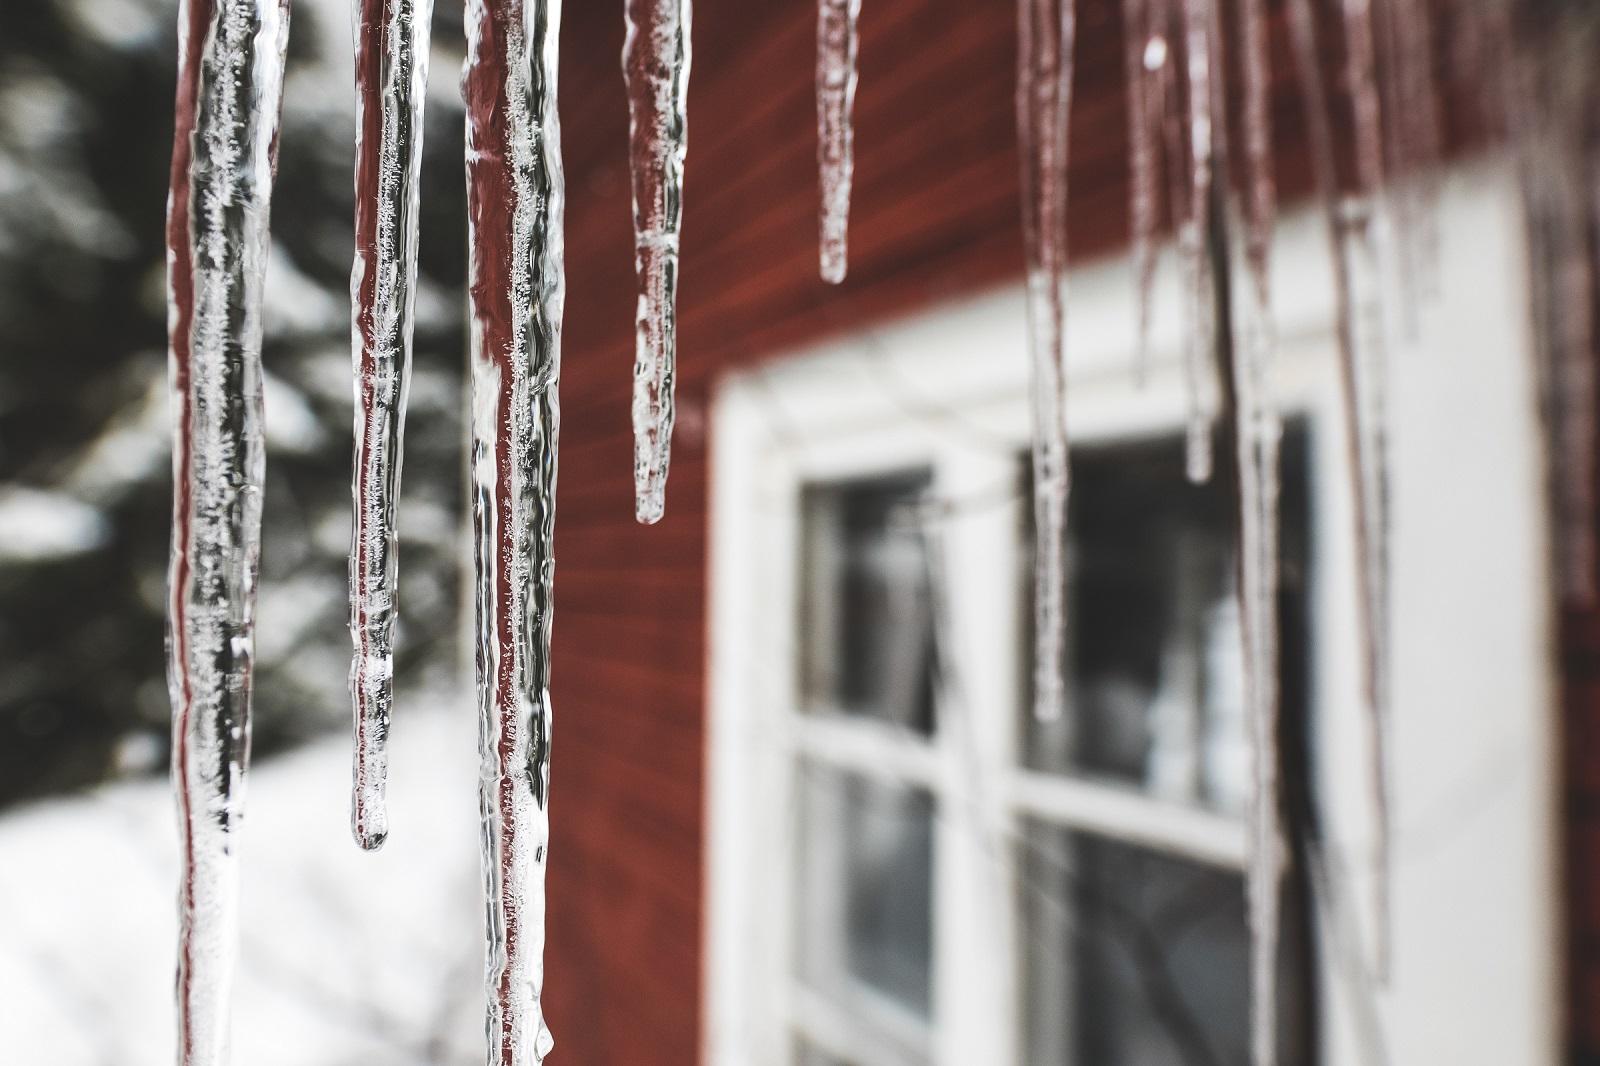 Winter in Schweden. Da gab es Heißes für die kalten Tage.